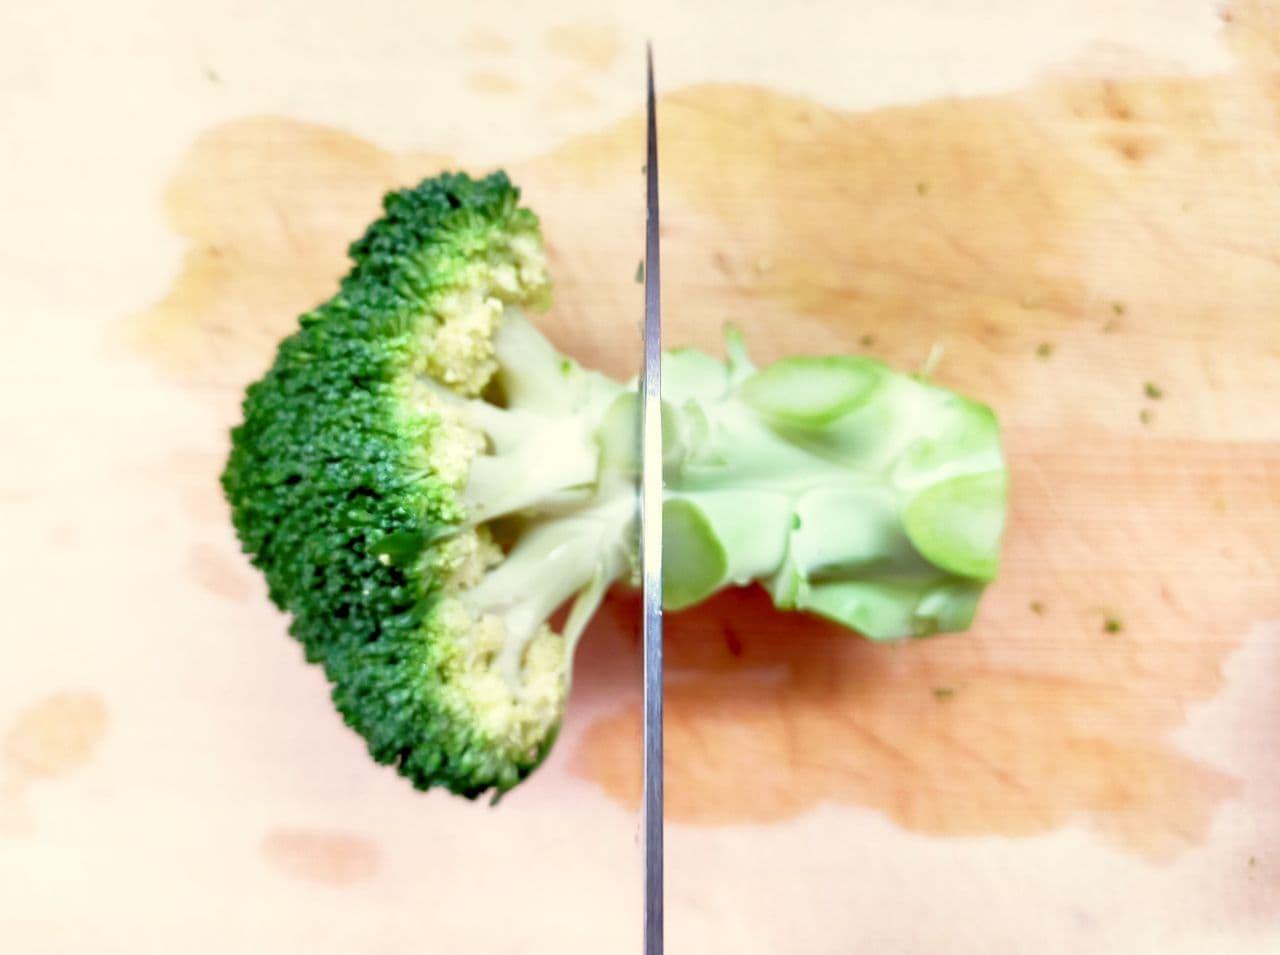 ブロッコリーの切り方